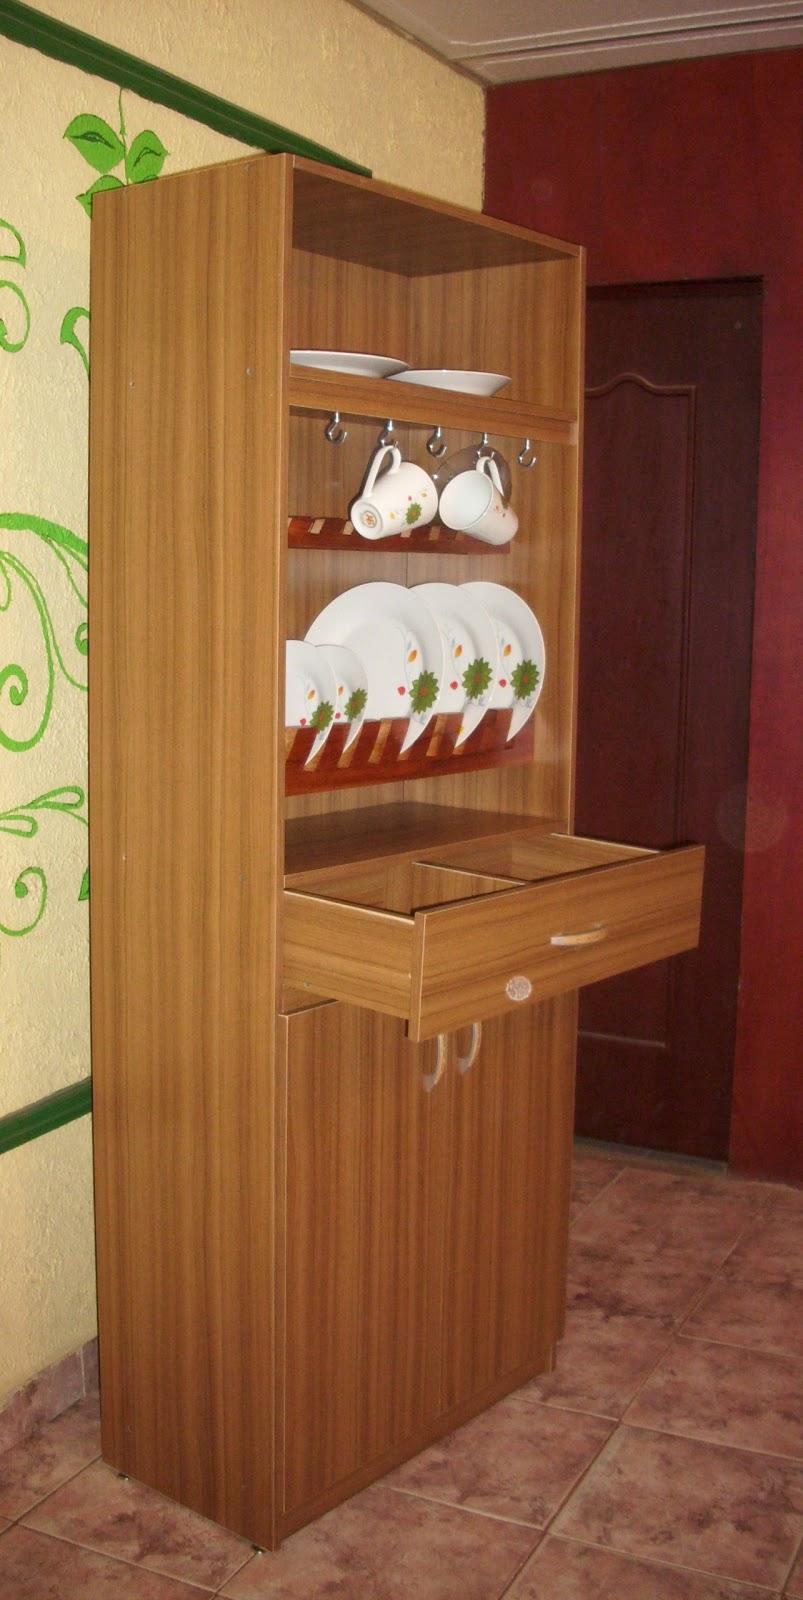 Mis trabajos en madera platera en melamina de teca for Trabajos de melamina